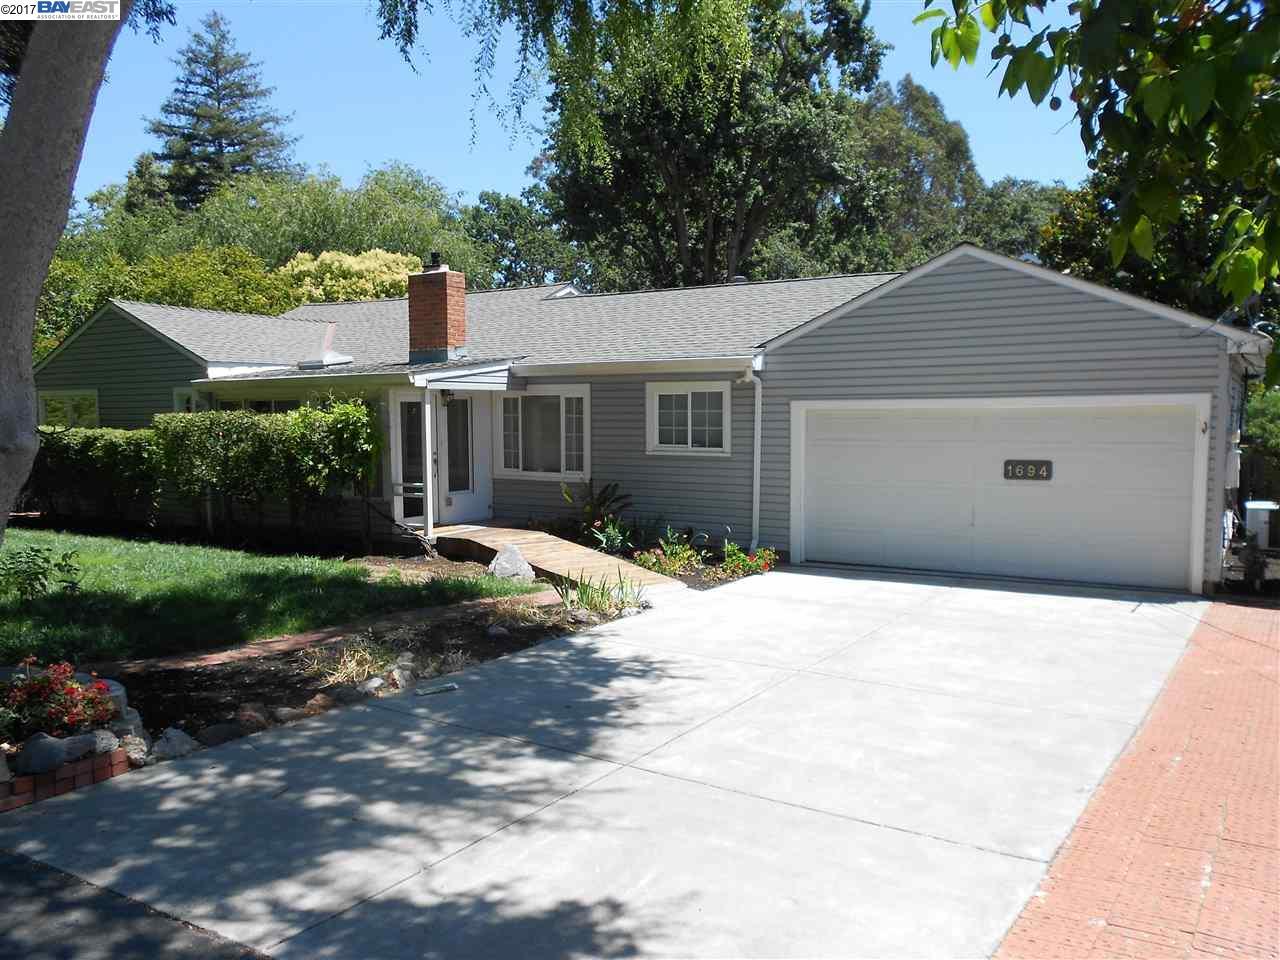 1694 Pleasant Hill Rd, PLEASANT HILL, CA 94523